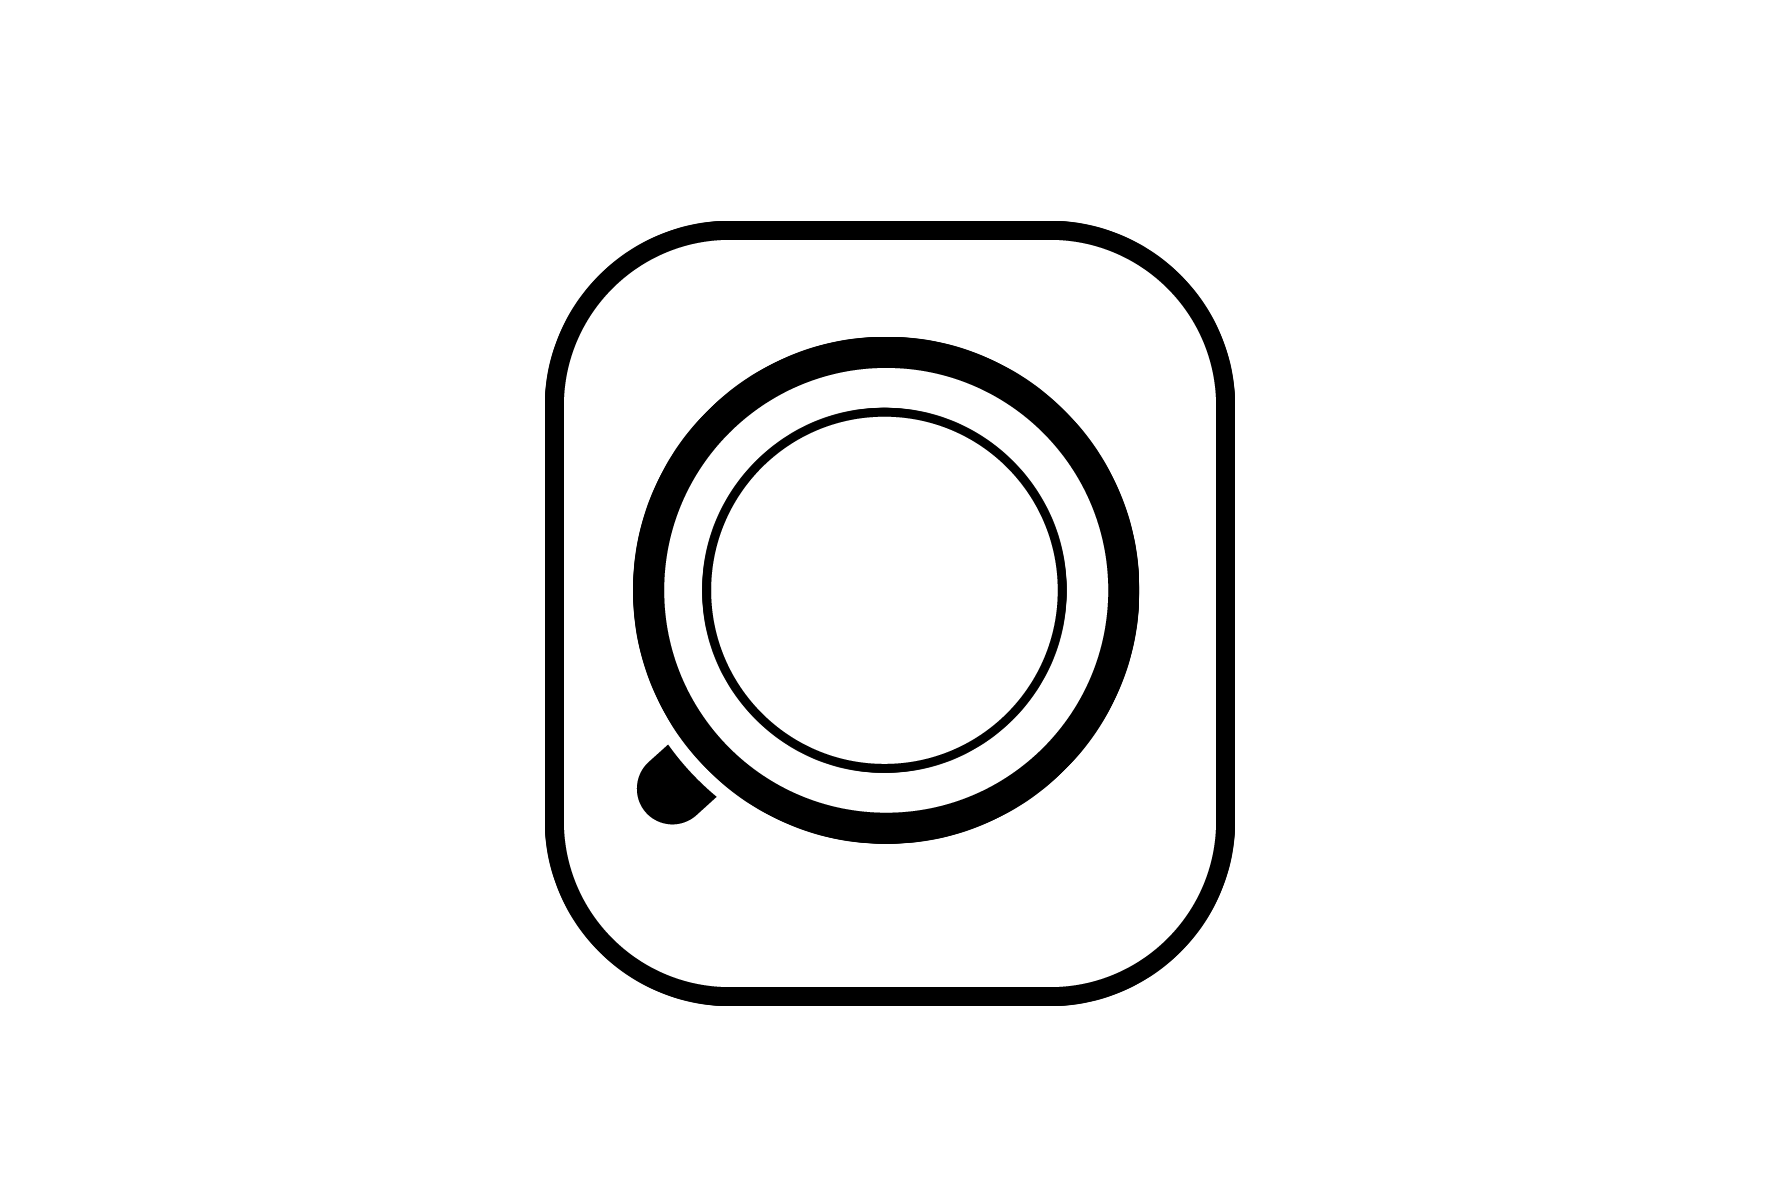 Only Logo 22 (symbol) transparent background